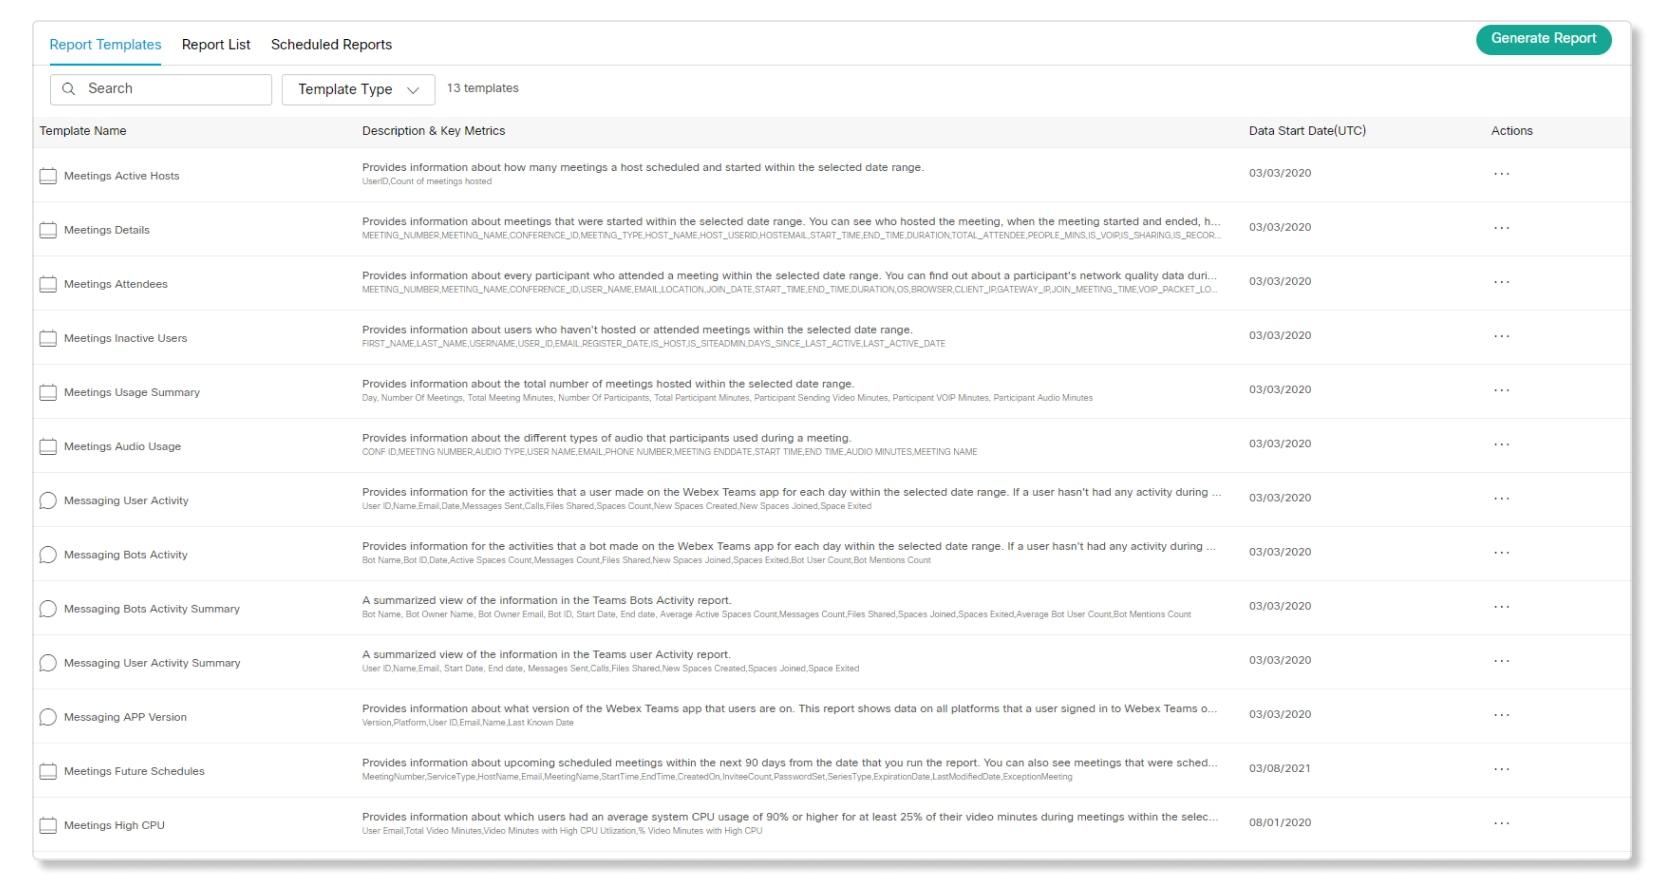 Különböző típusú jelentések a Jelentéssablonok lapon